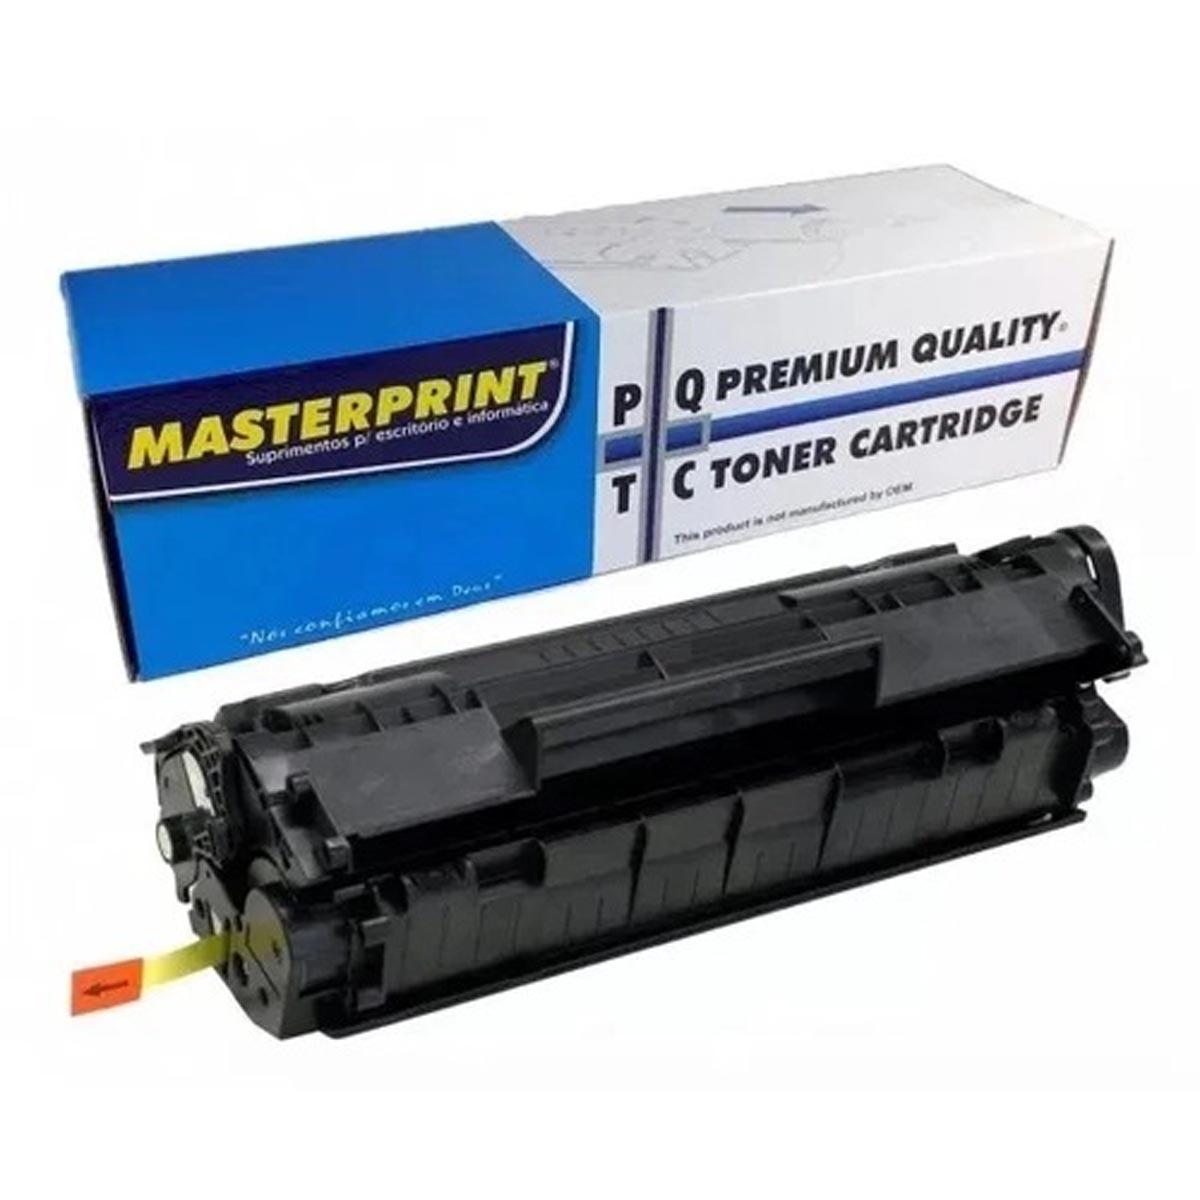 Toner MASTERPRINT CE285 285a 85a - M1132 M1212 1102